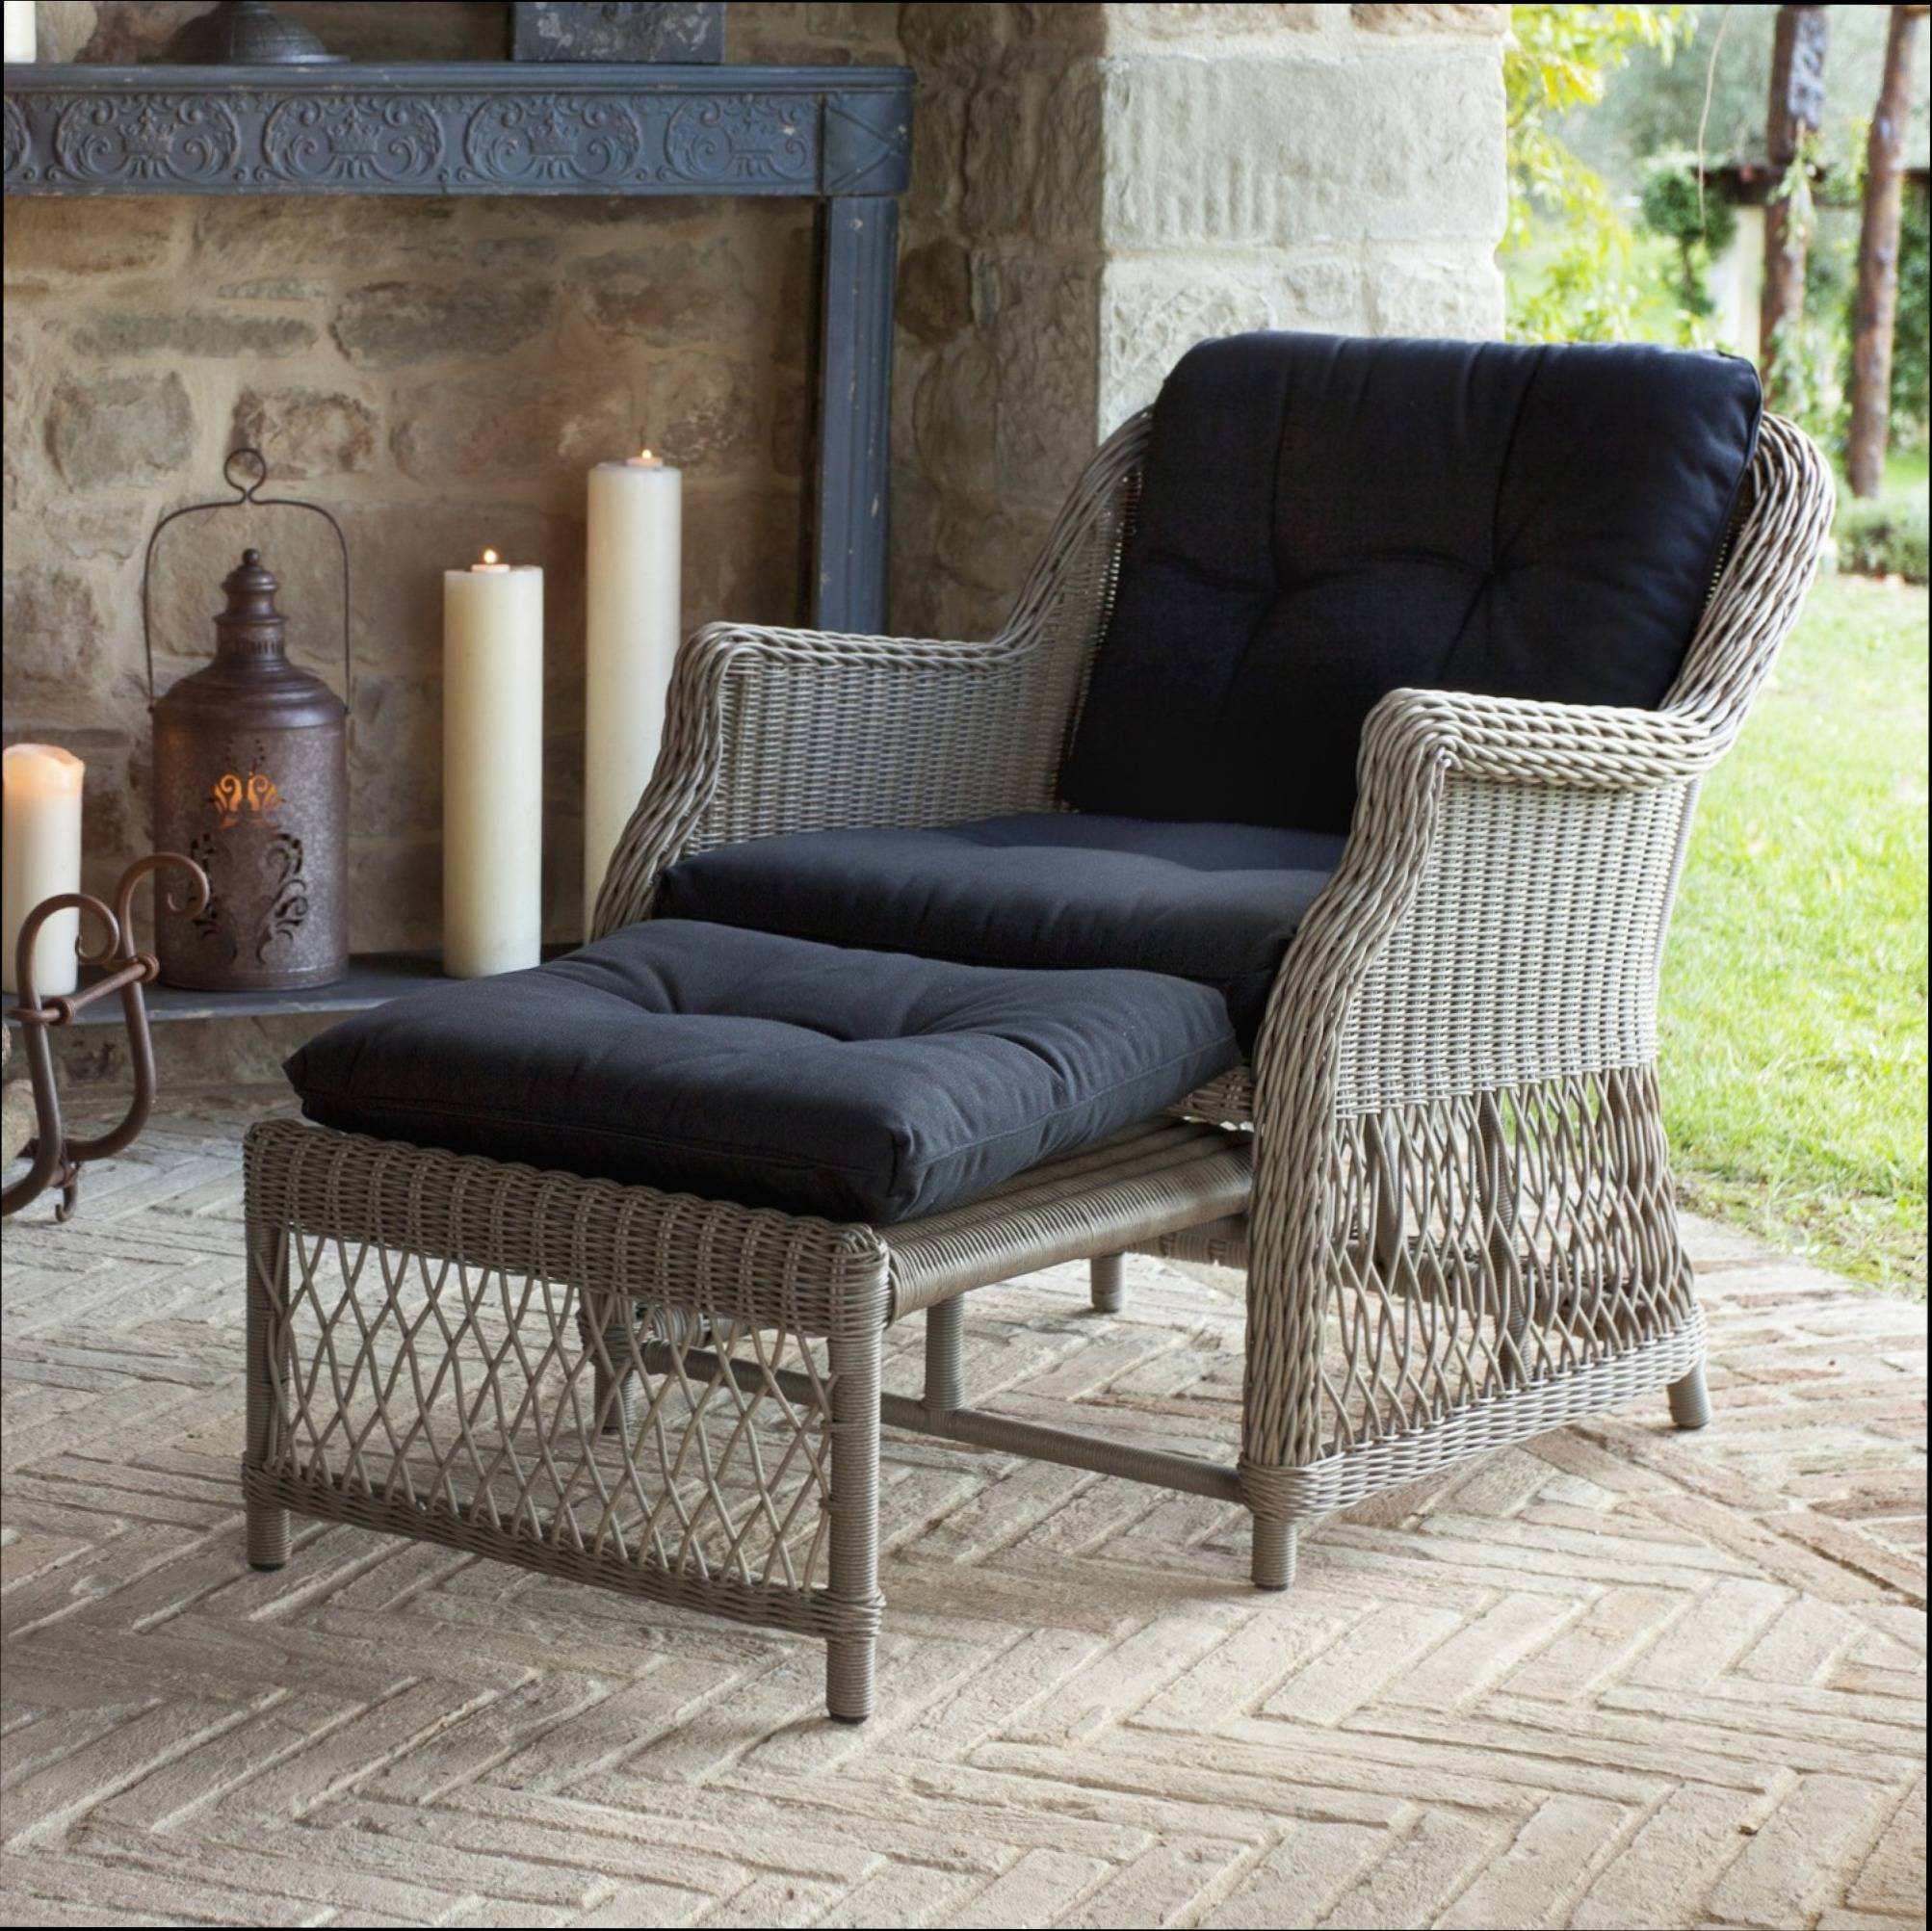 Full Size of Liegesessel Verstellbar Relaxsessel Mit Aufstehhilfe Die Sofa Verstellbarer Sitztiefe Wohnzimmer Liegesessel Verstellbar